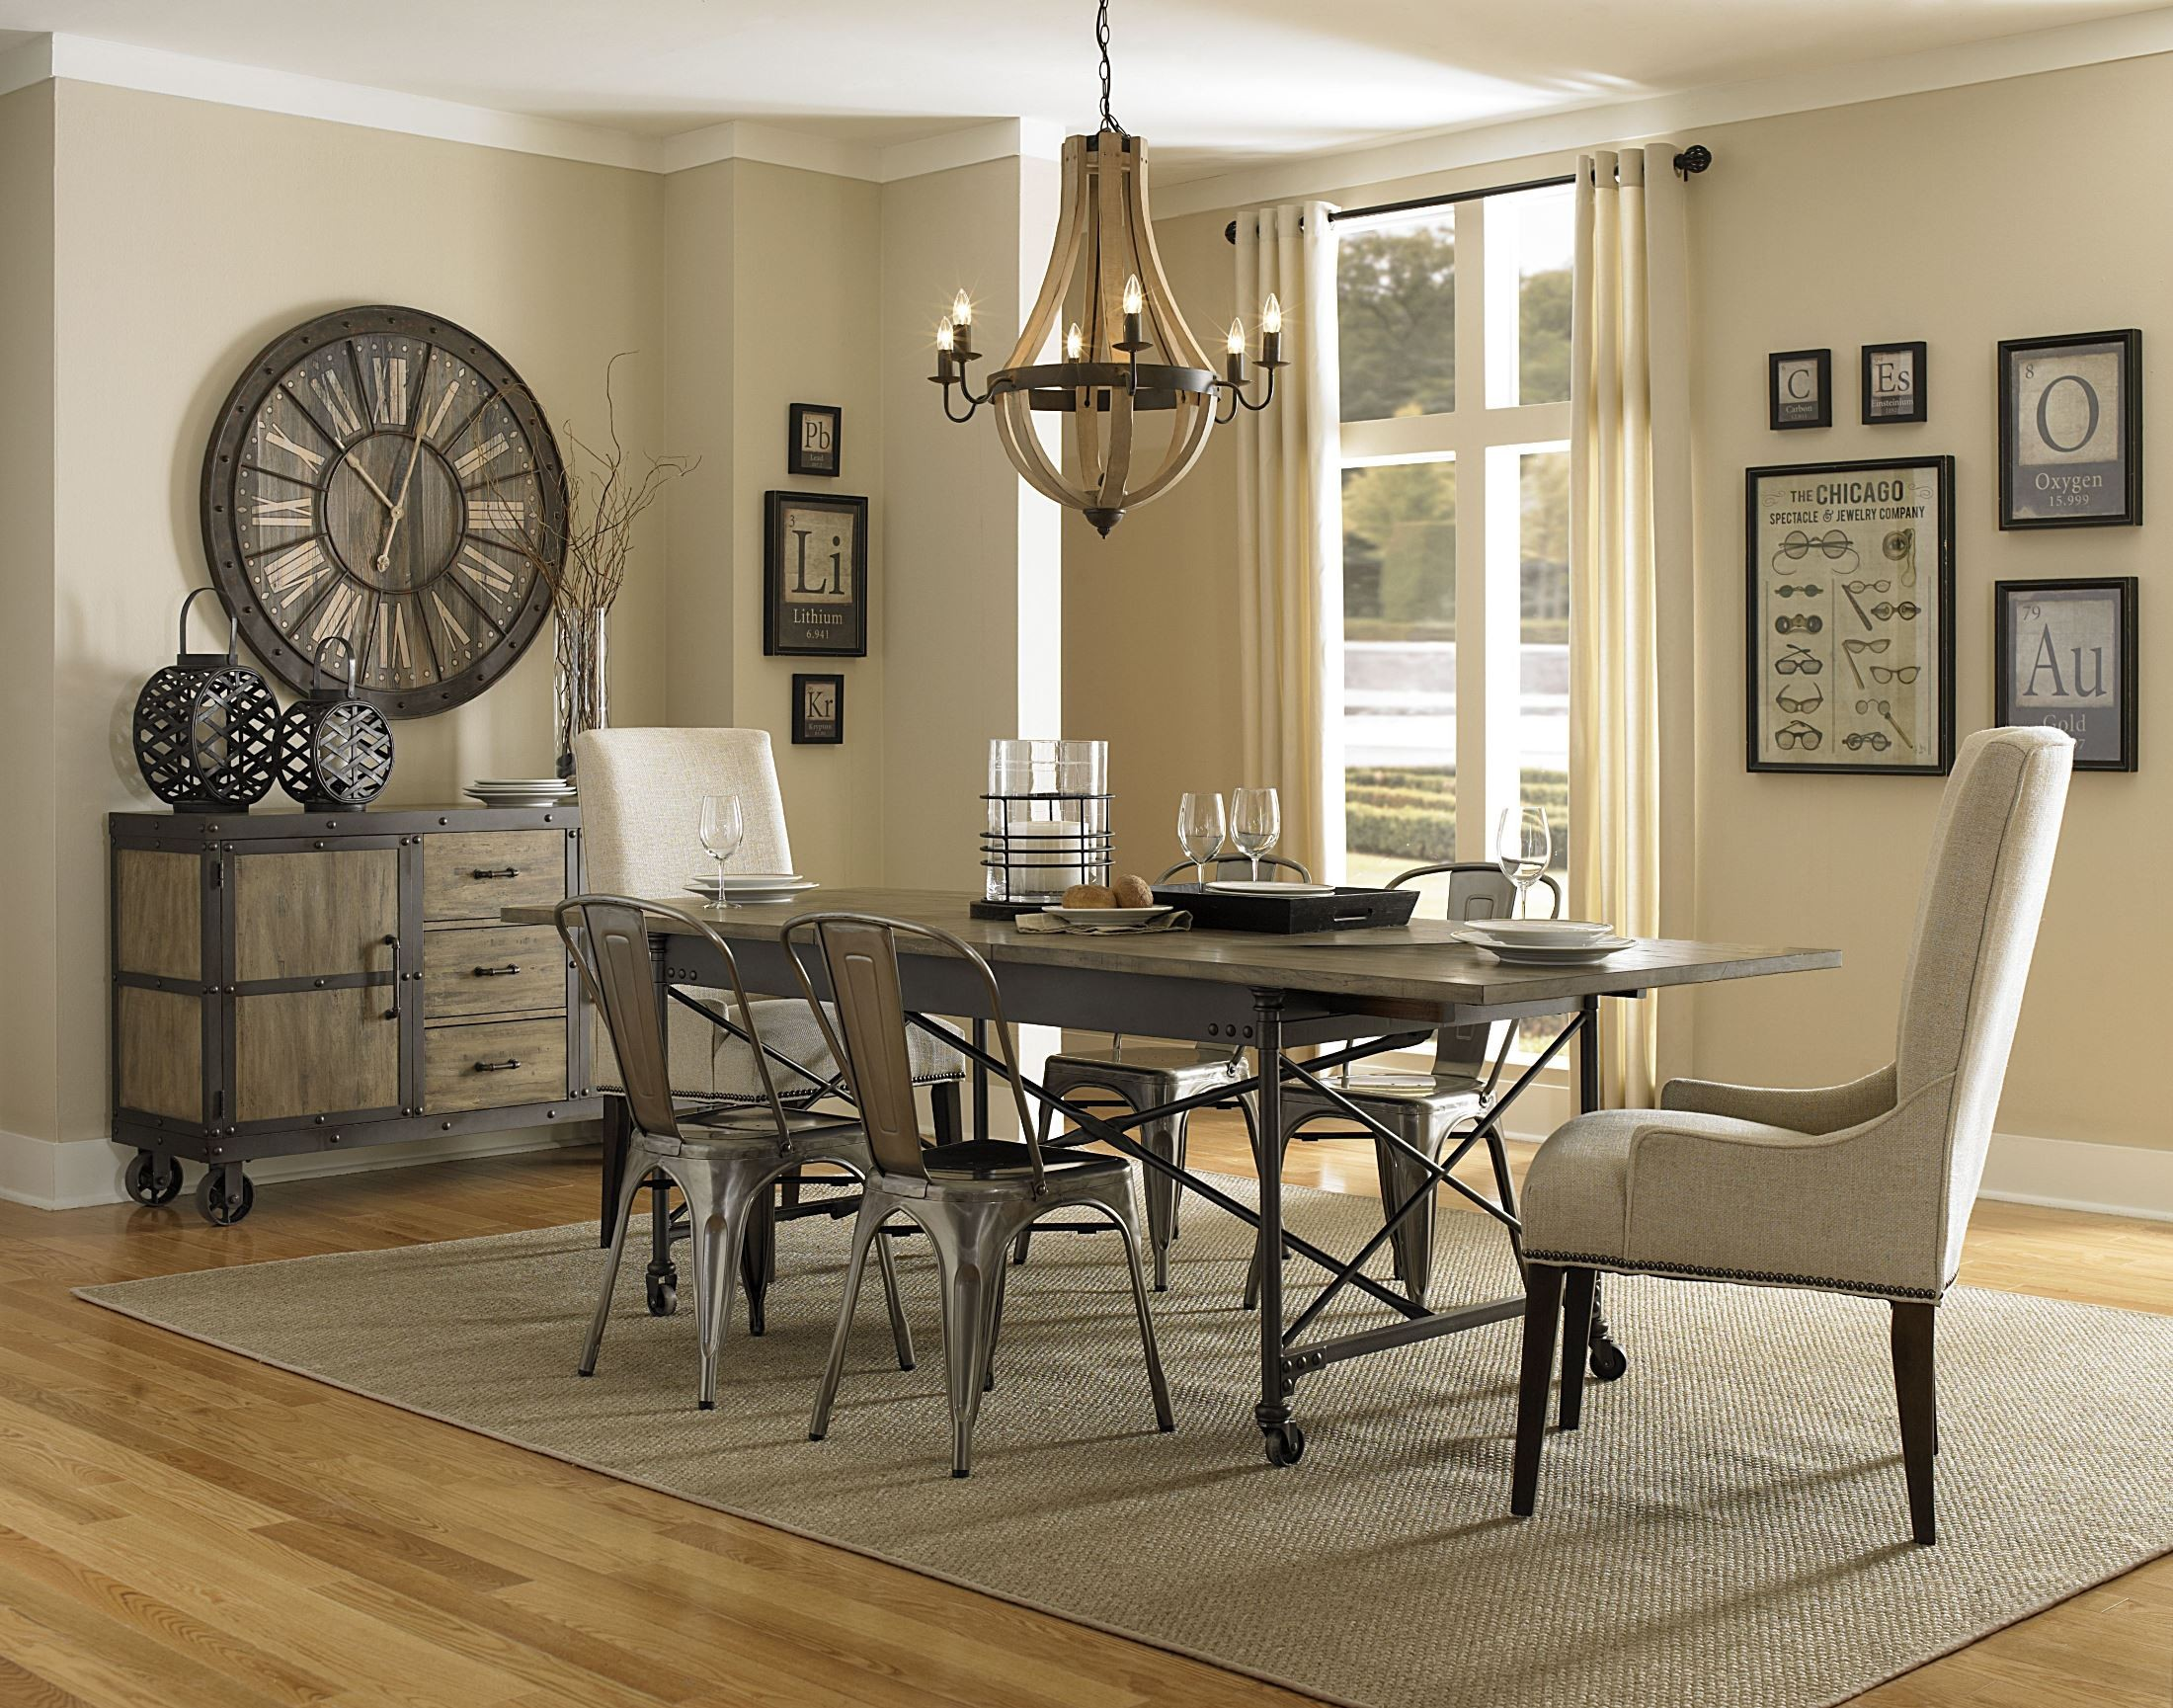 walton rectangular dining room set from magnussen home d2469 20 coleman furniture. Black Bedroom Furniture Sets. Home Design Ideas